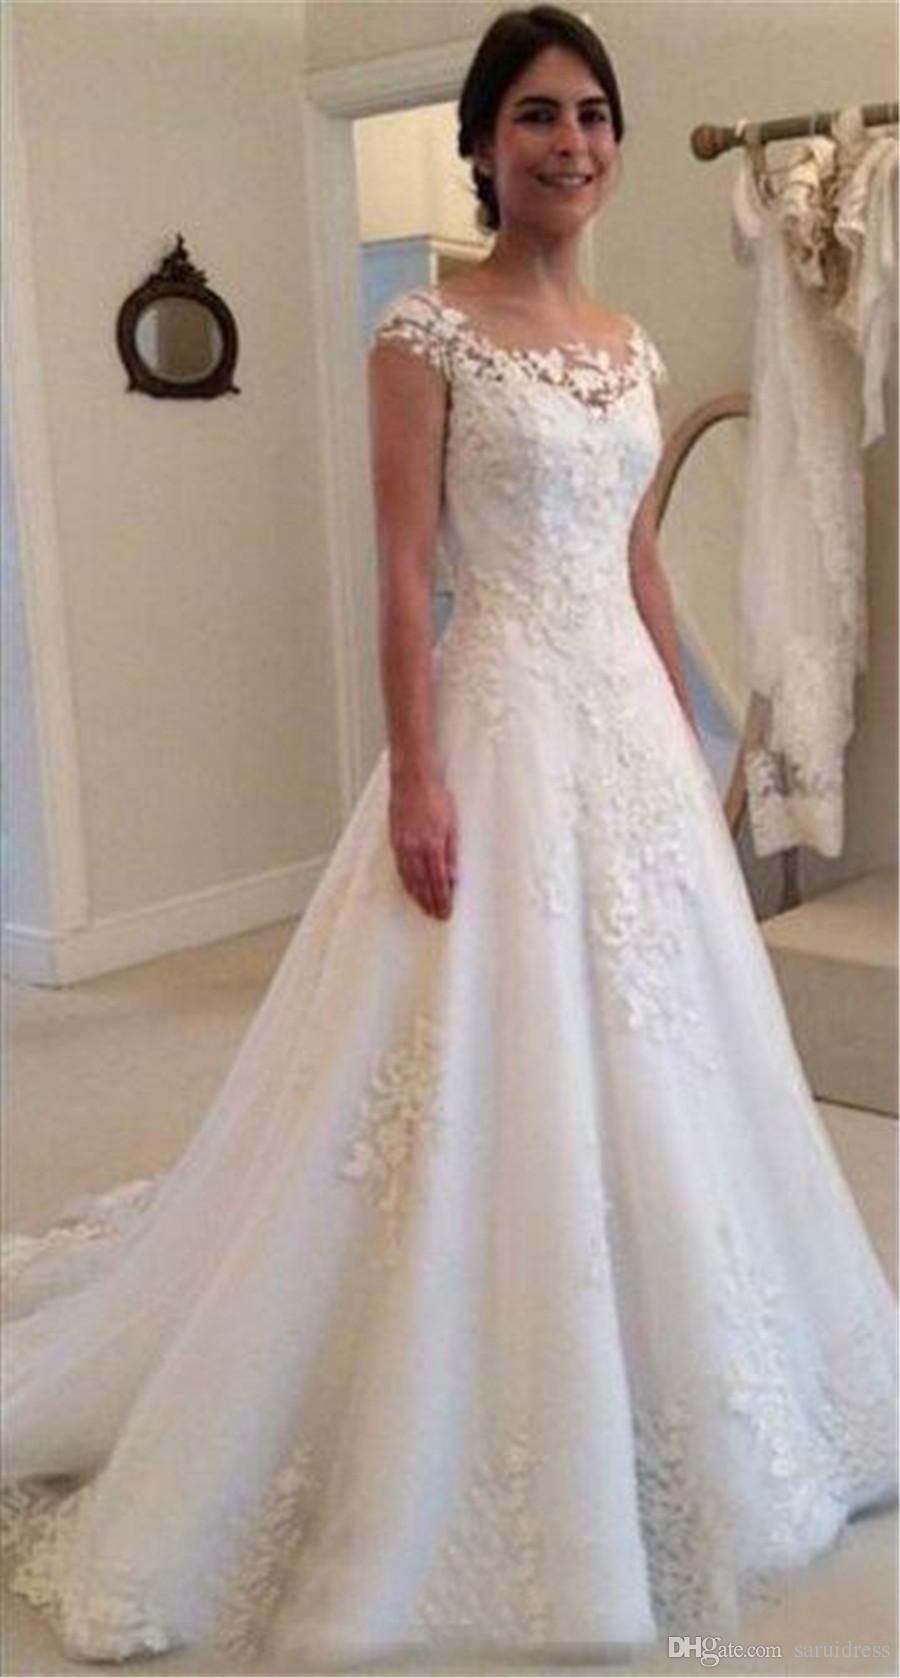 Jewel Heel кружева Applicies Смотреть сквозь кнопку задние винтажные свадебные платья свадебные свадьбы Элегантный сад Западная страна a line Свадебные платья